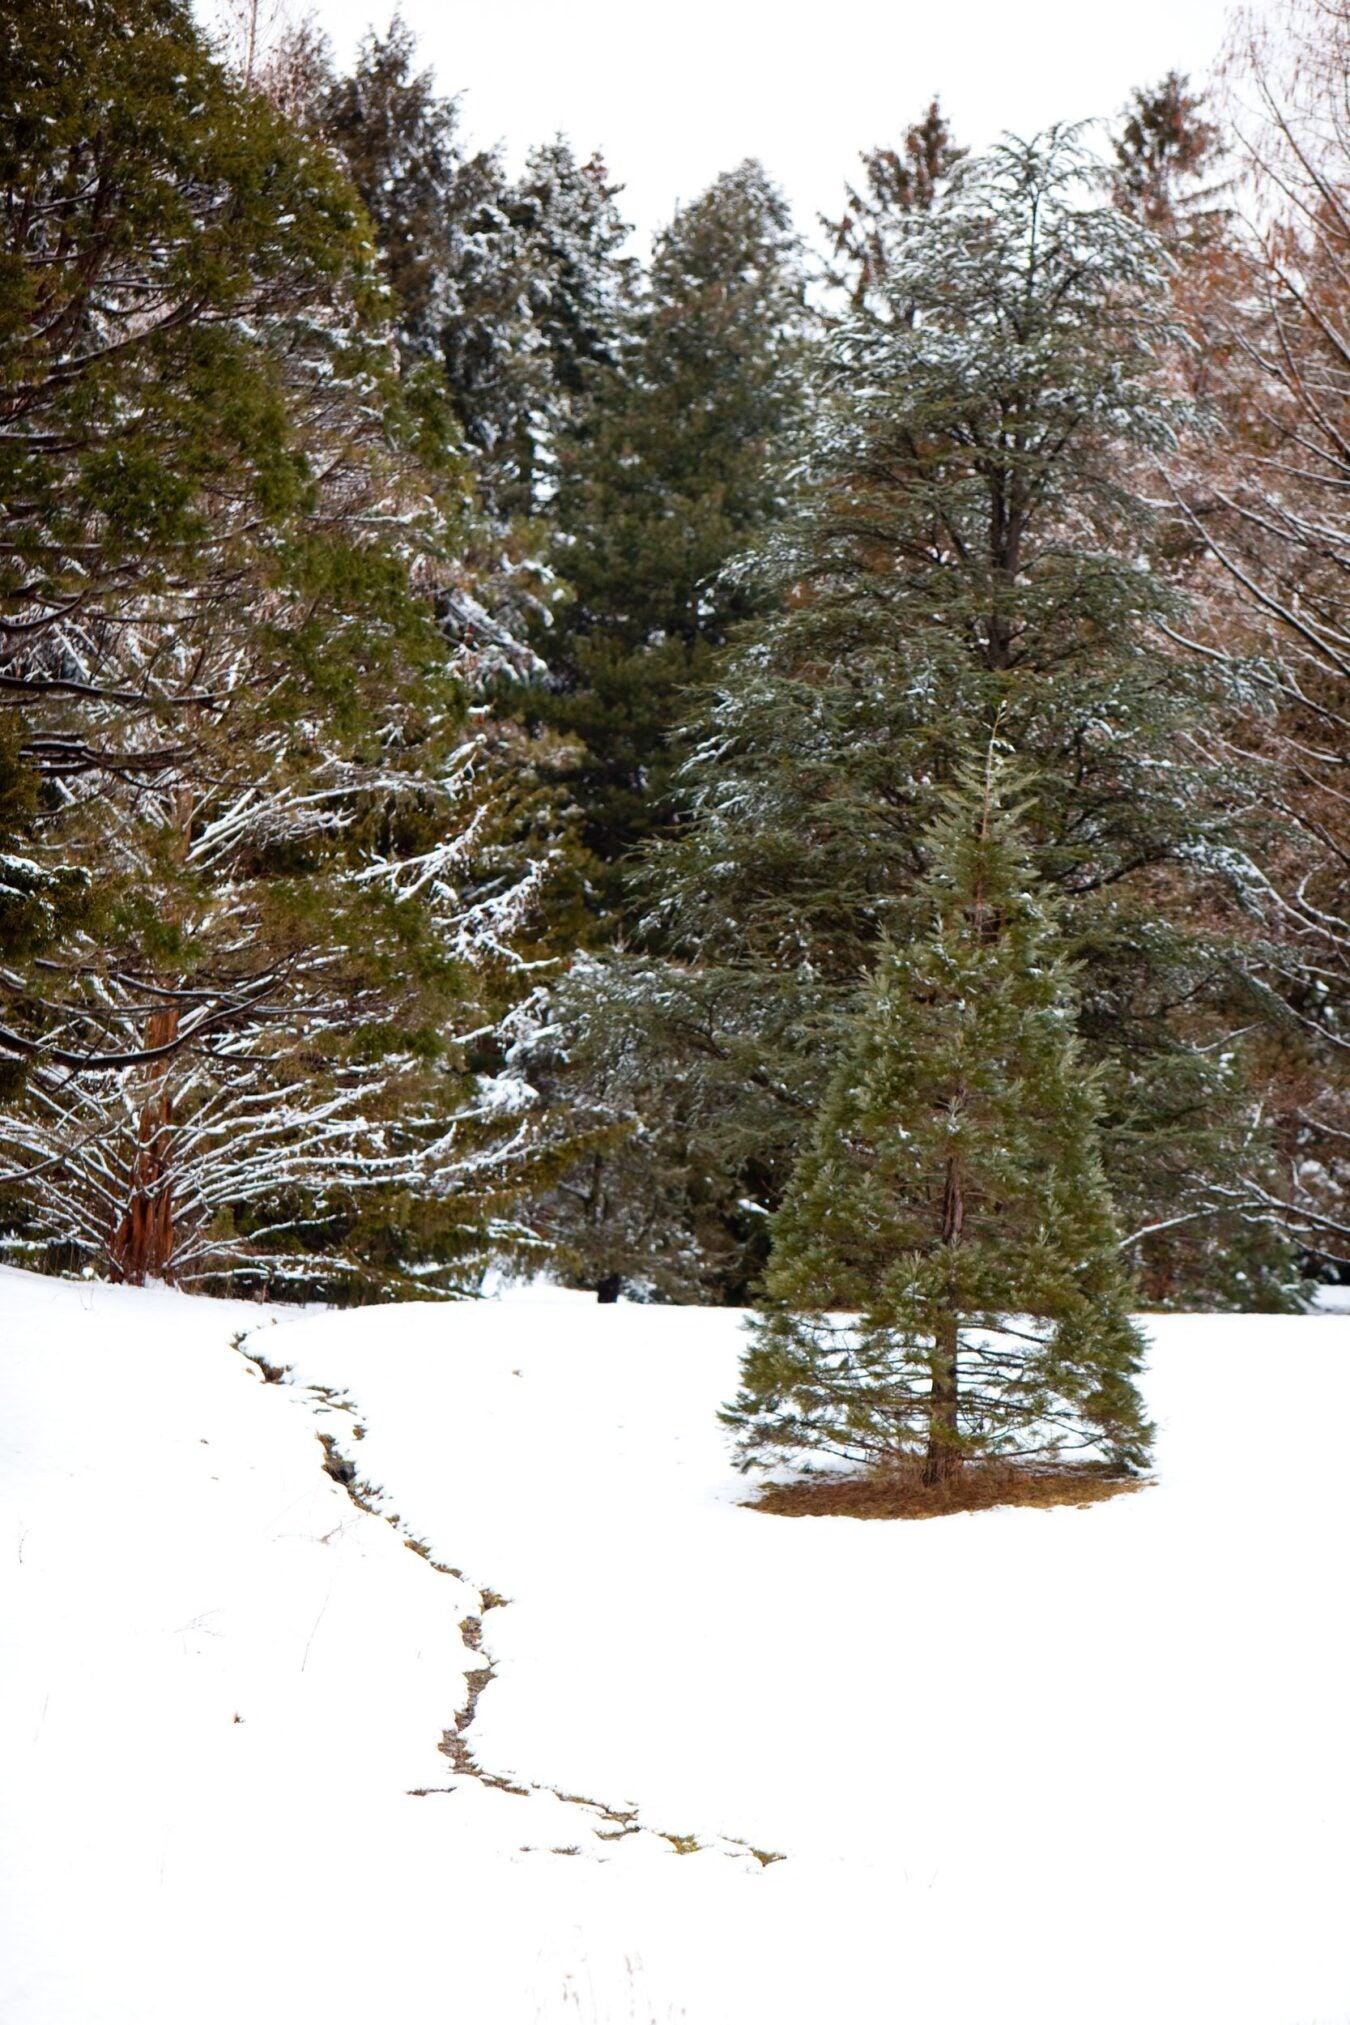 Arboretum blanketed in snow.